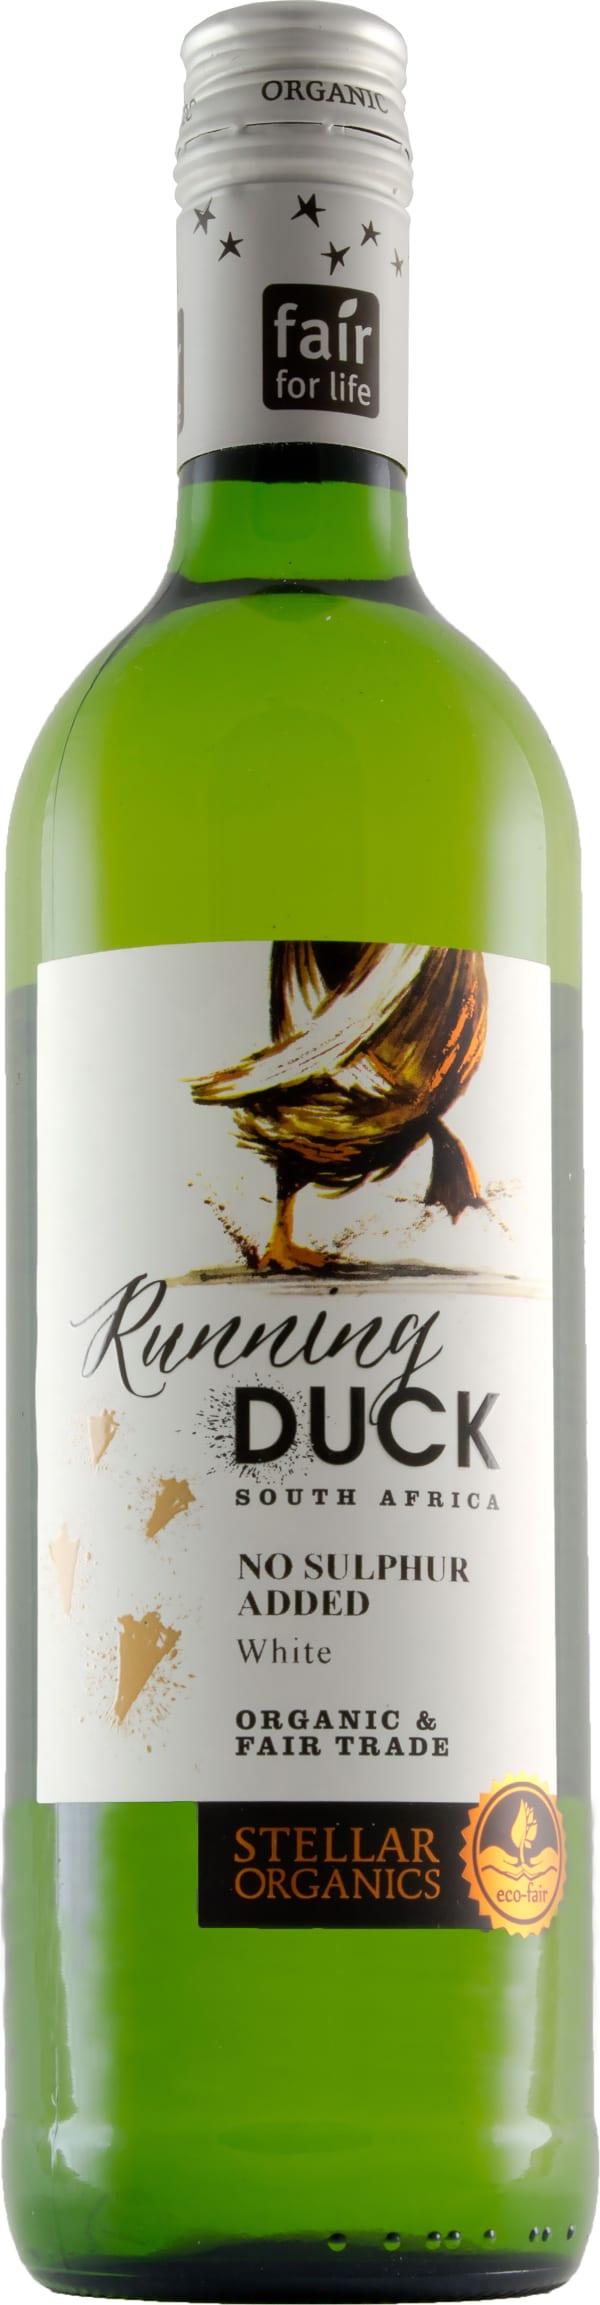 Running Duck White 2017